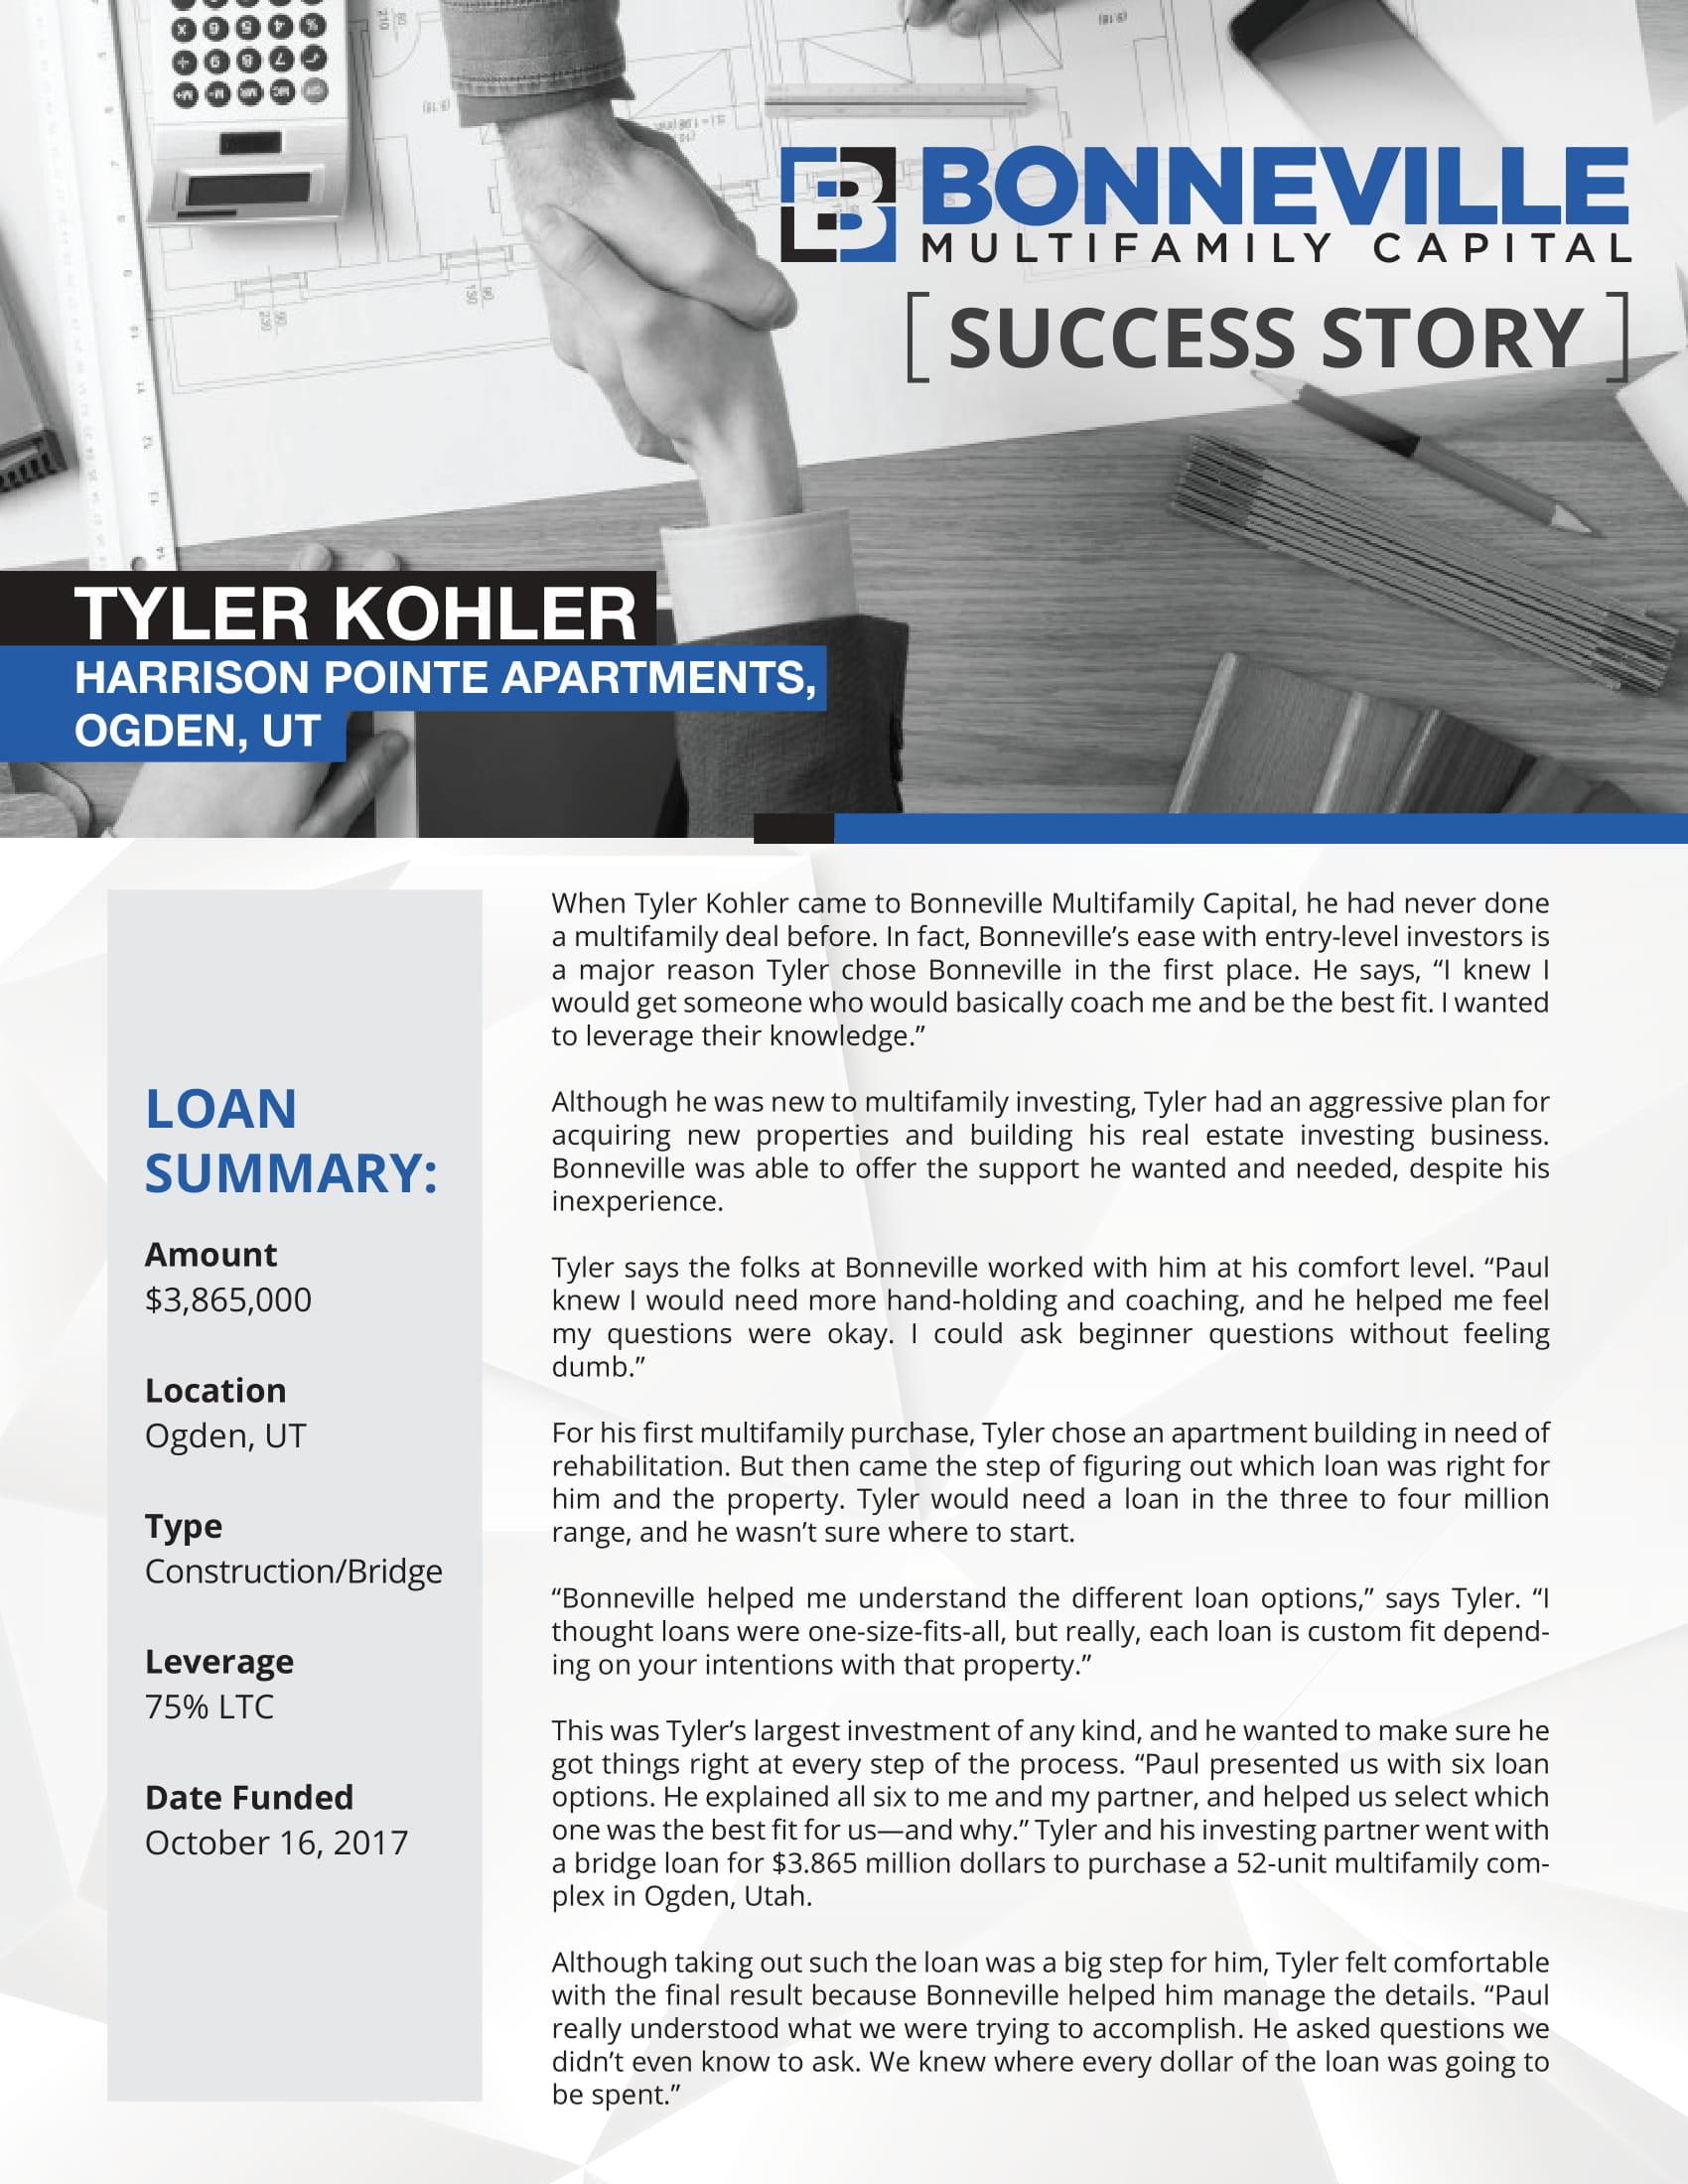 Tyler Kohler